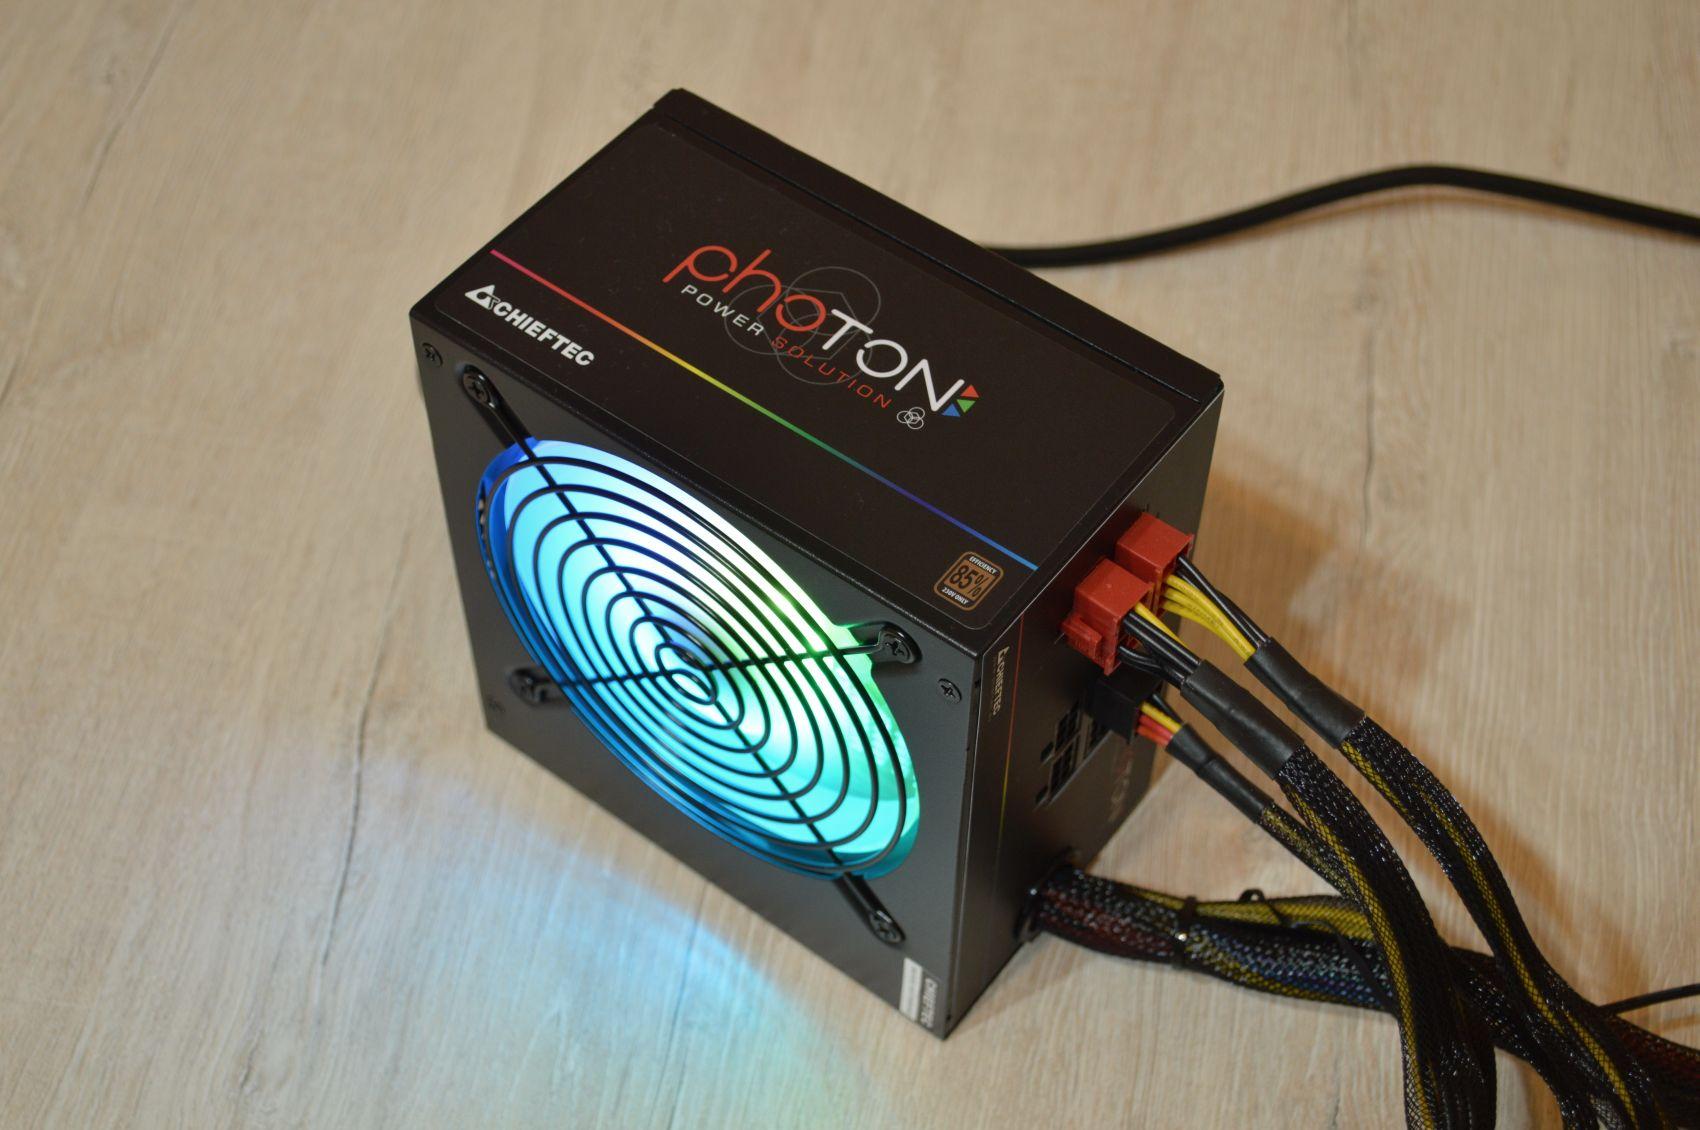 Chieftec Photon 750 Вт лампы